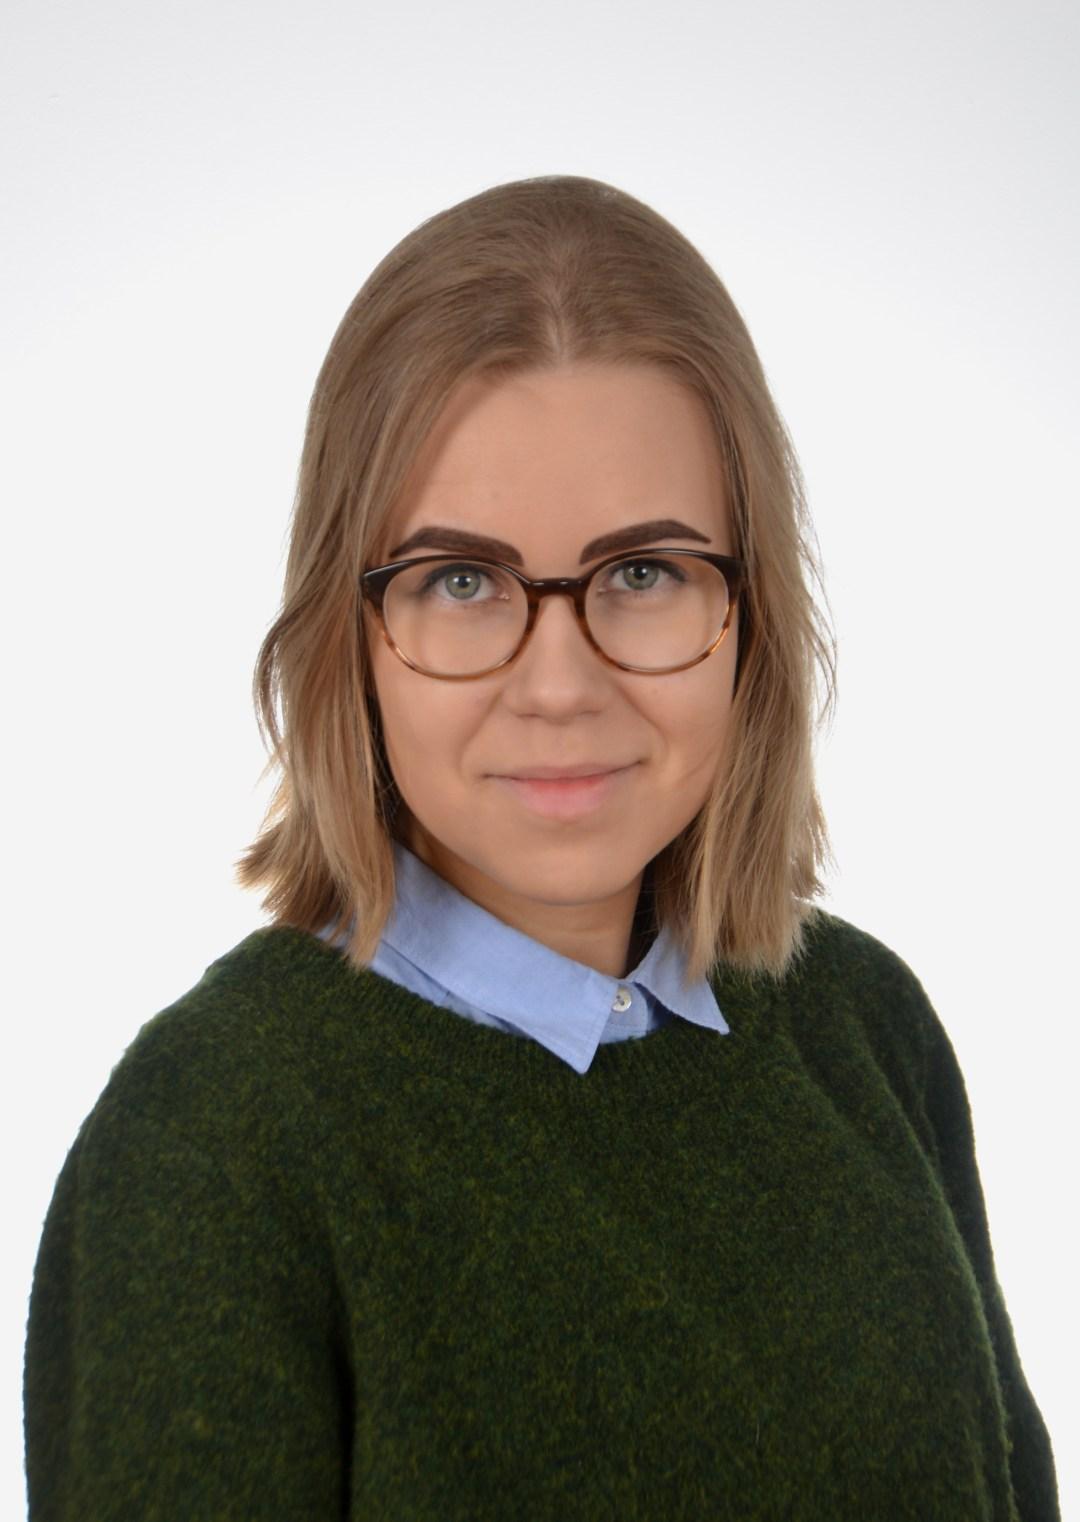 Wilma Poutanen